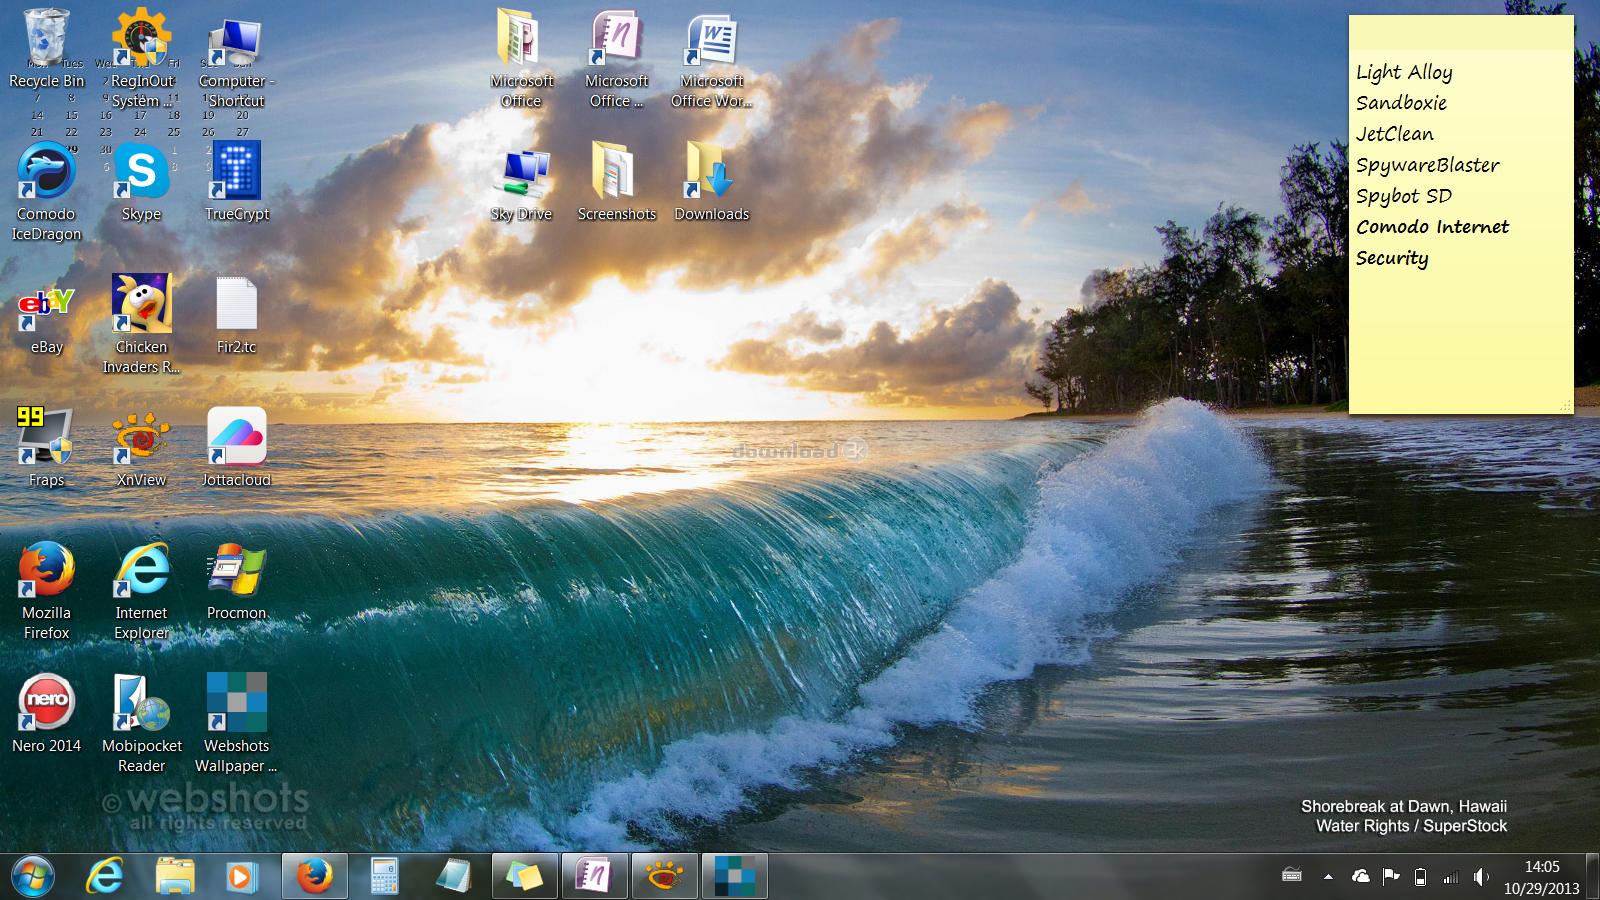 Download webshots desktop 3. 1. 5 build 7619.